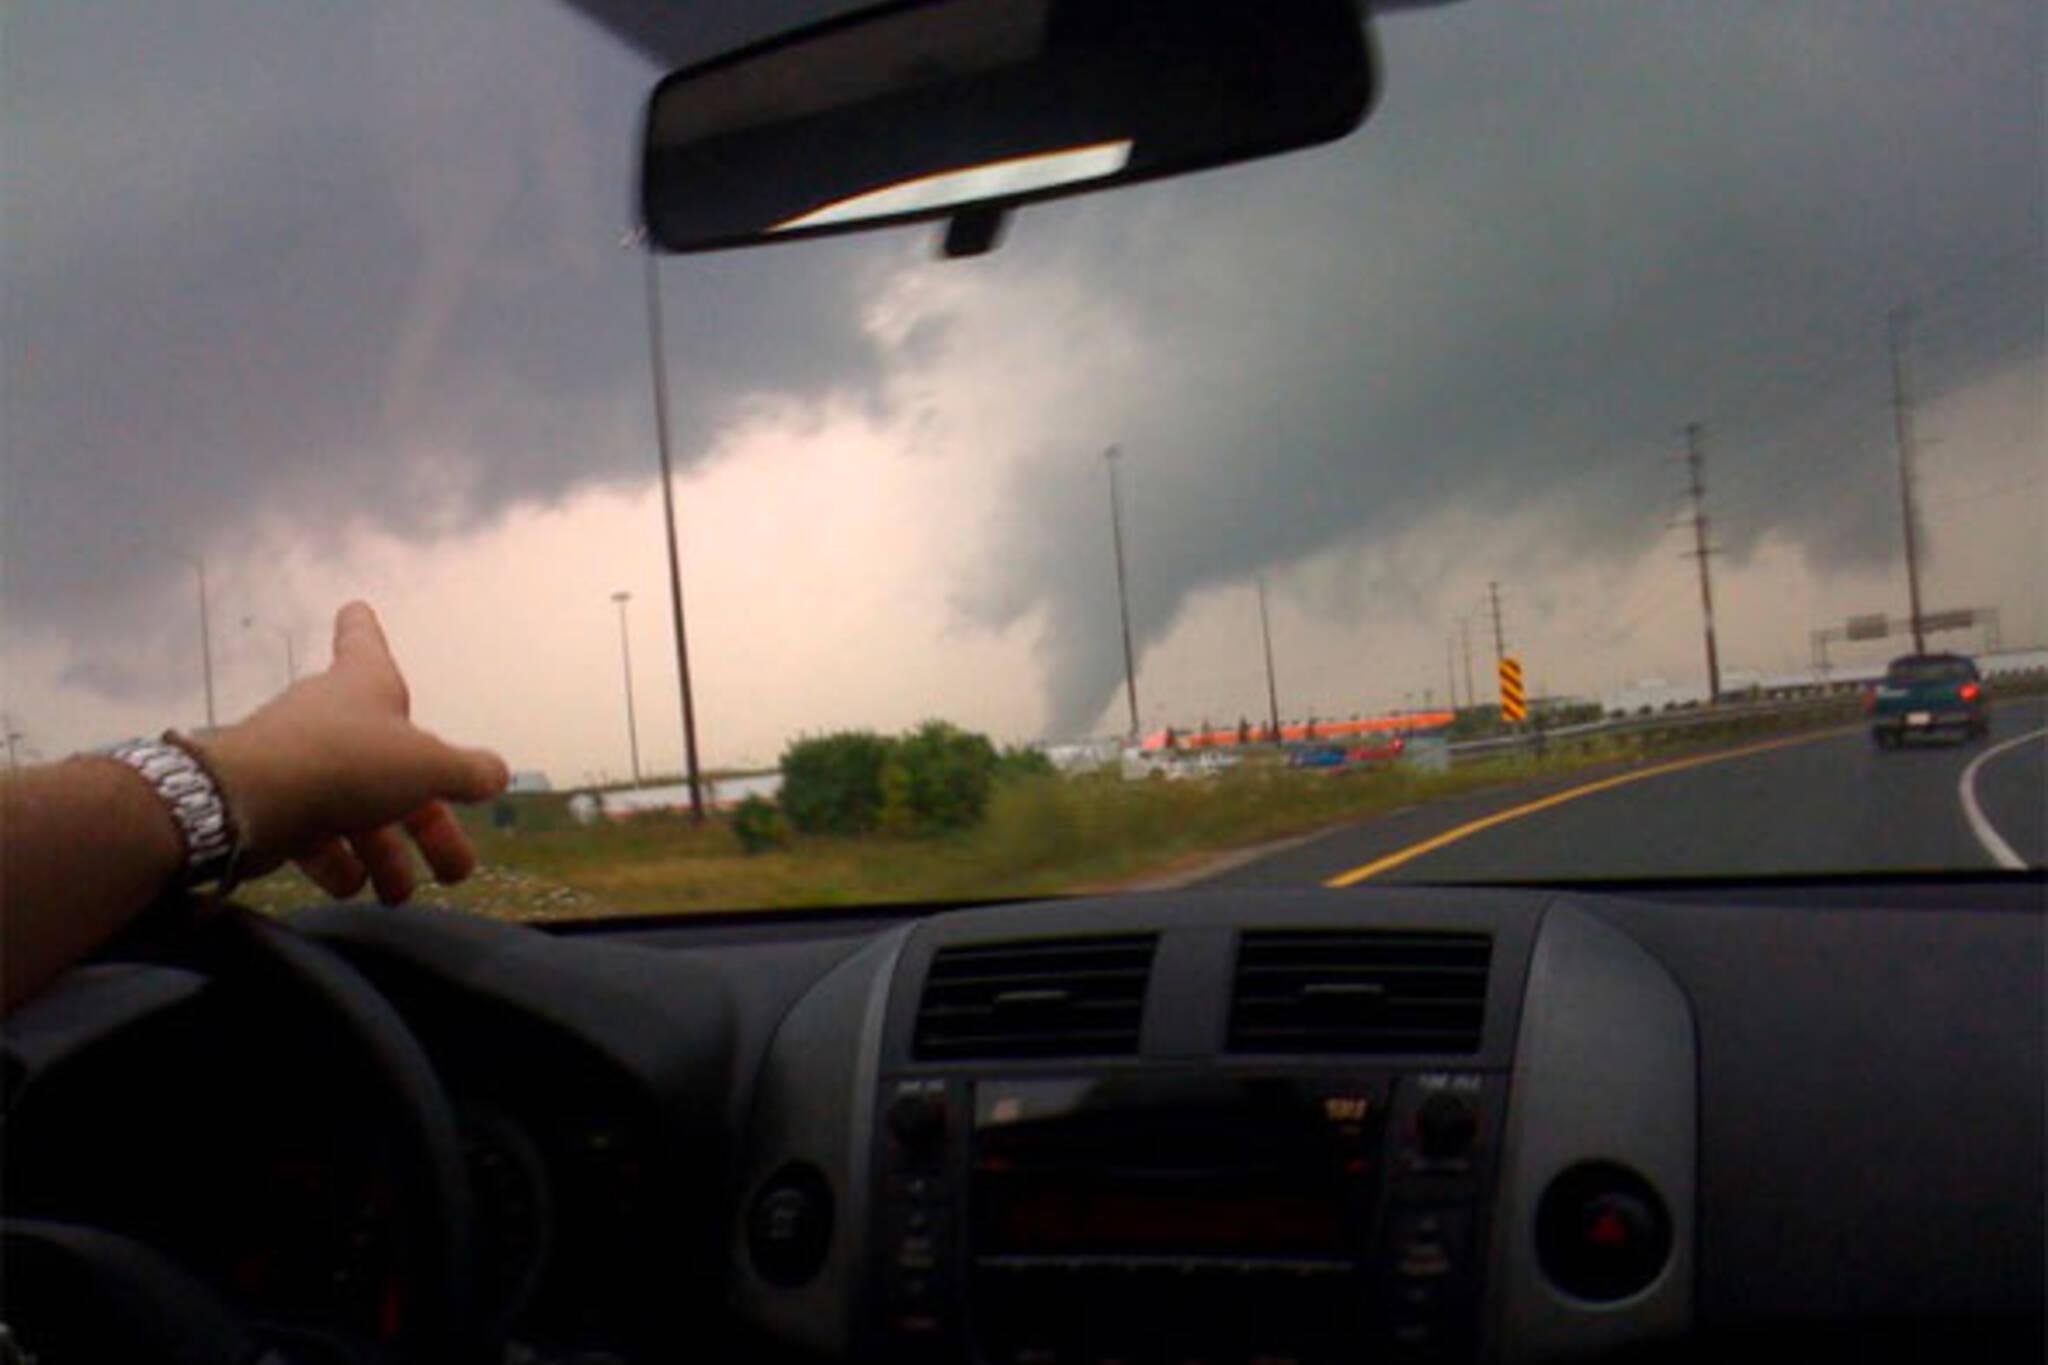 toronto tornado august 20th